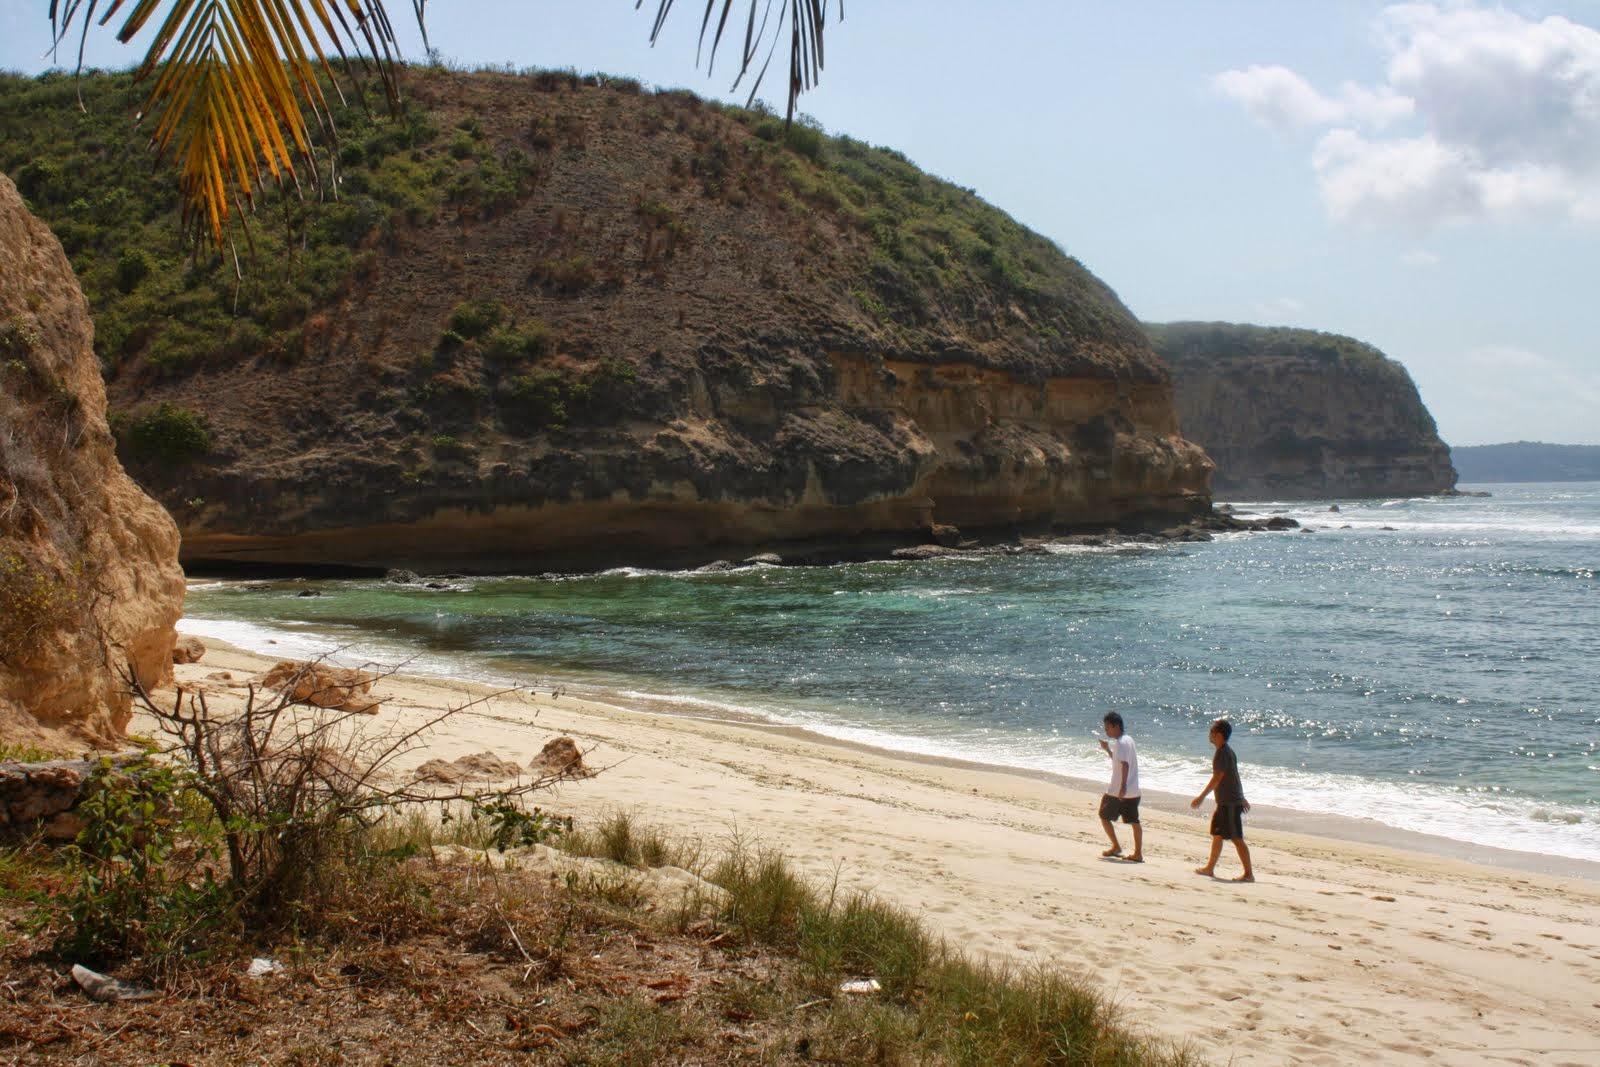 Wisata Pantai Surga Lombok Timur Lokasi Wisata Di Indonesia